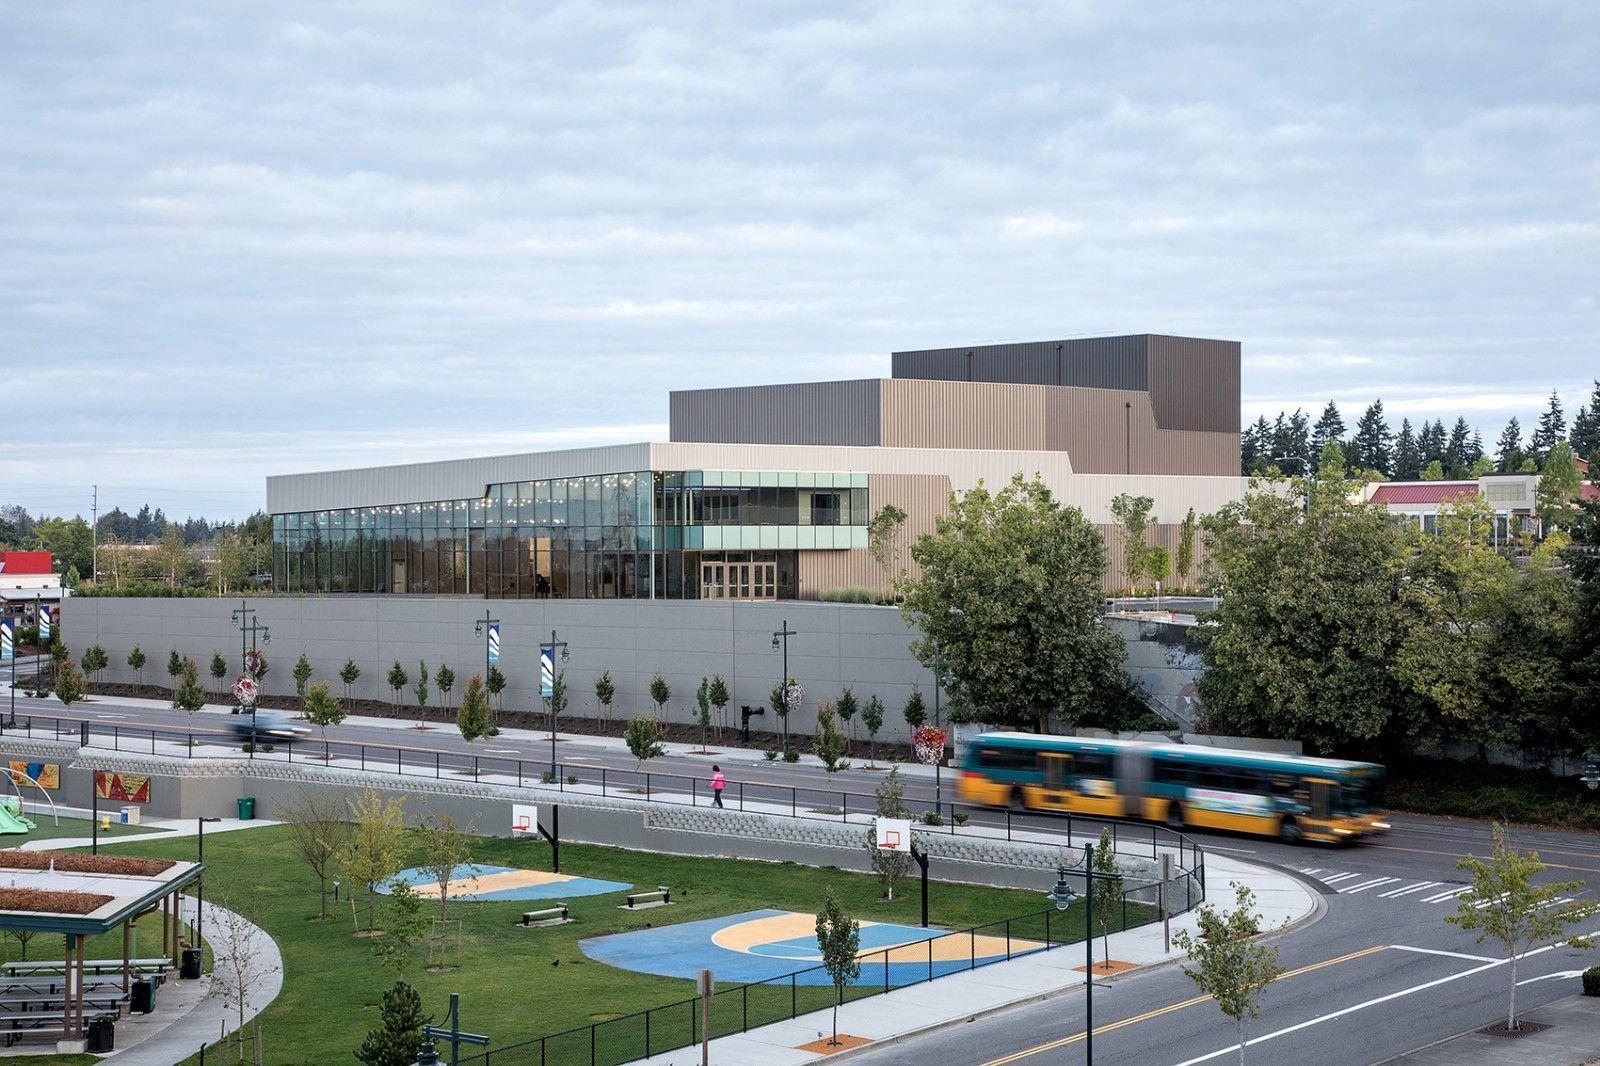 创造社区的新焦点·美国Federal Way表演艺术与活动中心   LMN Architects